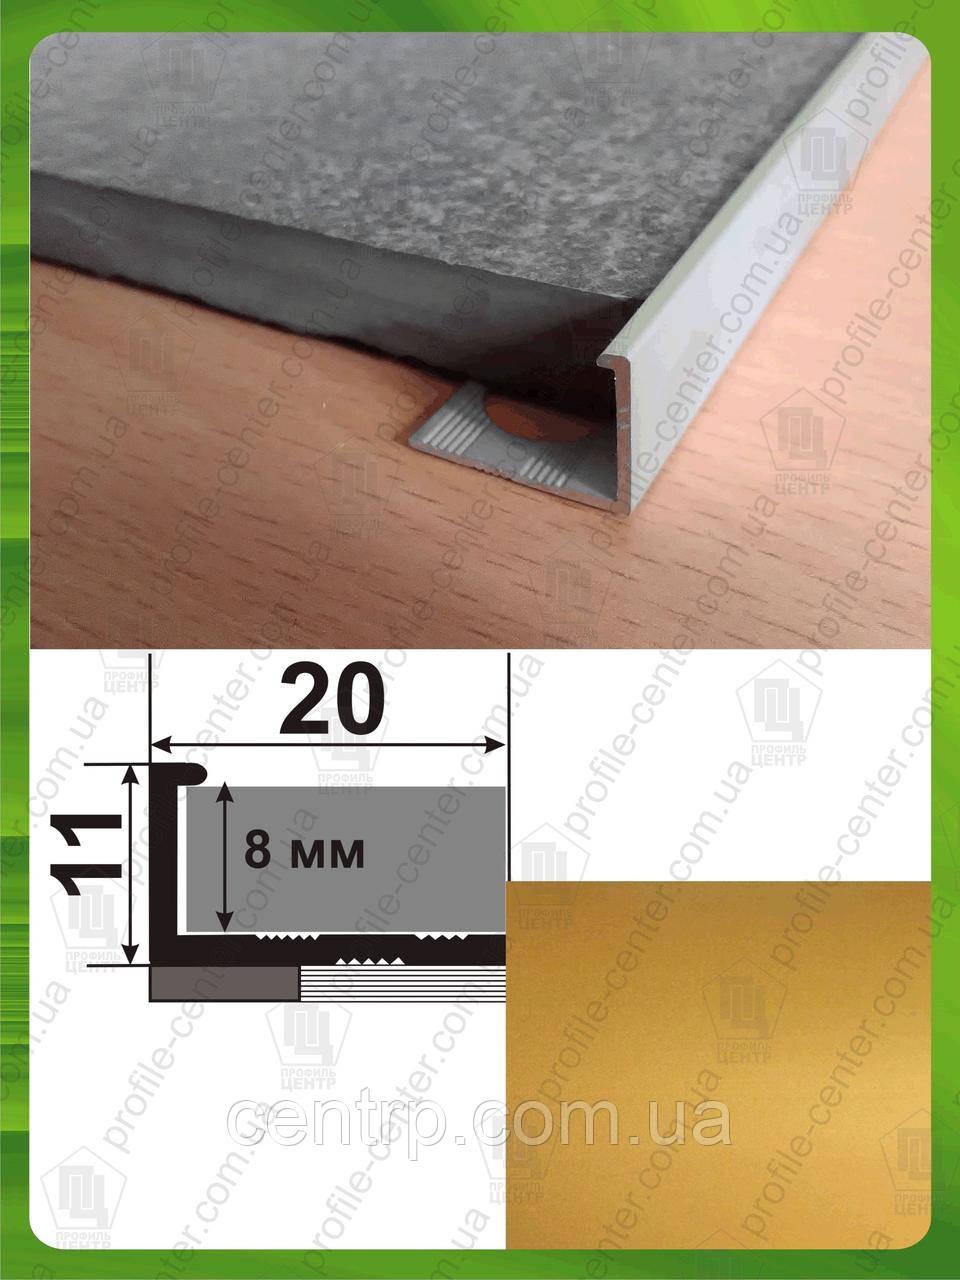 Алюминиевый Г-образный профиль для плитки до 8 мм АП10 L-2.7 м Золото (анод)